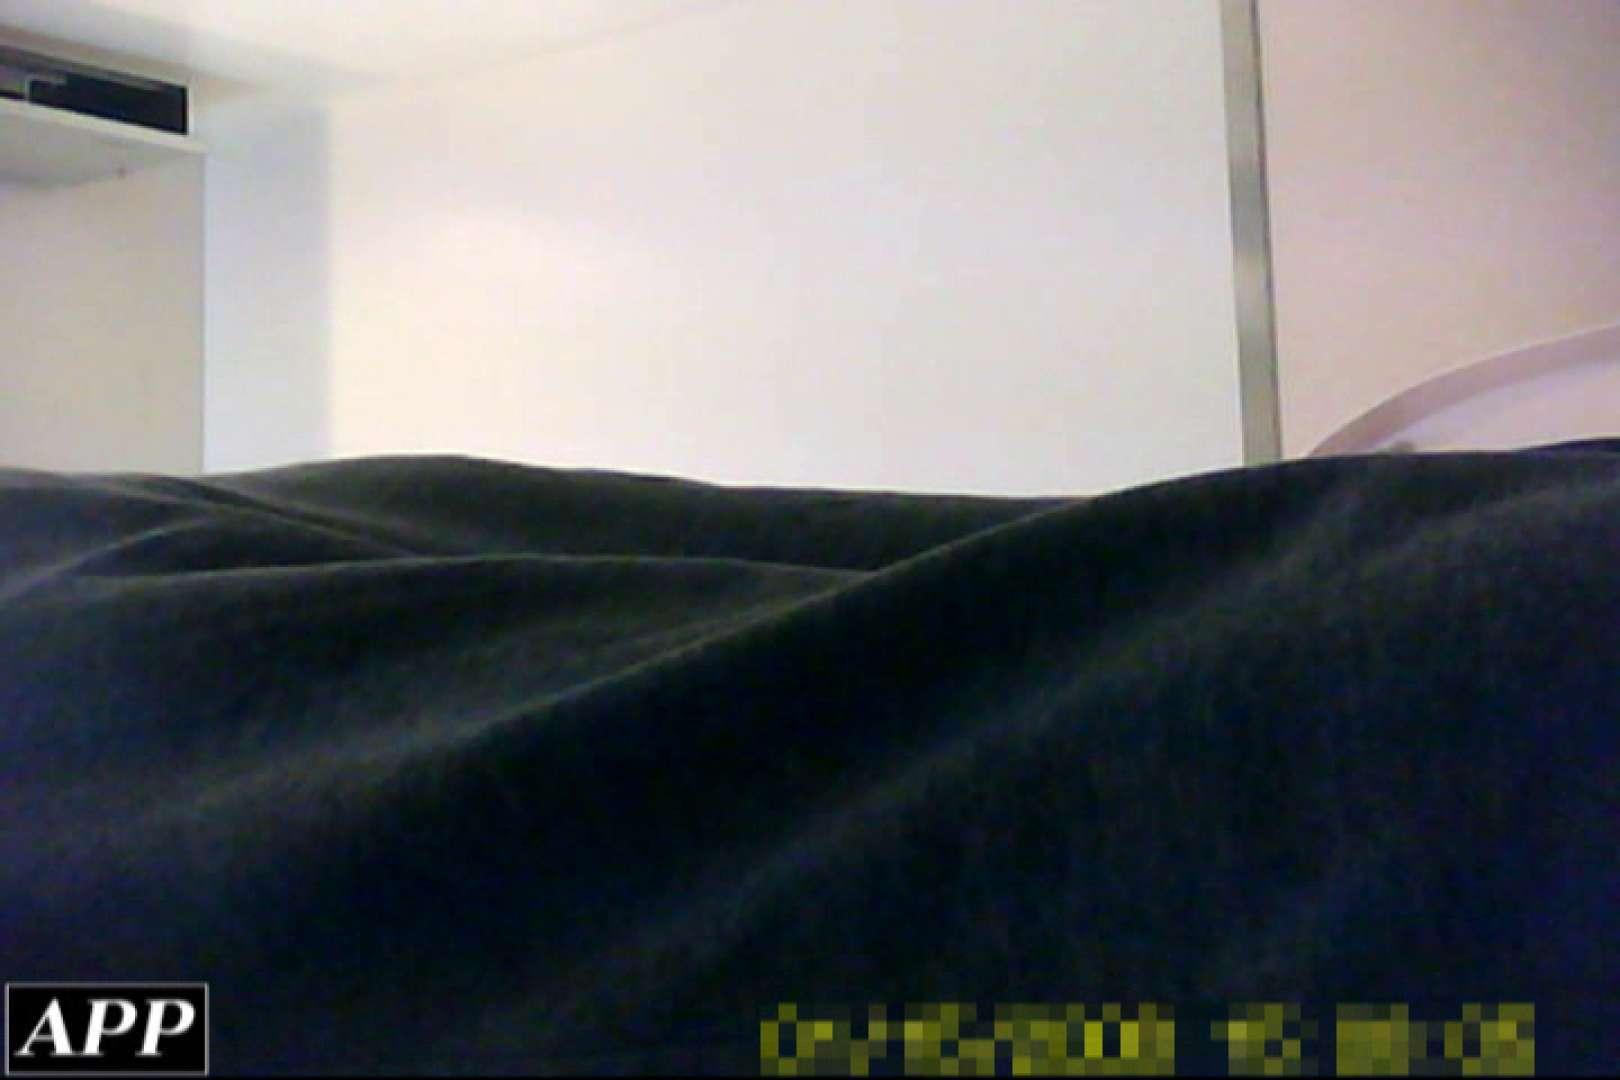 3視点洗面所 vol.65 OLのボディ オメコ無修正動画無料 109PIX 68